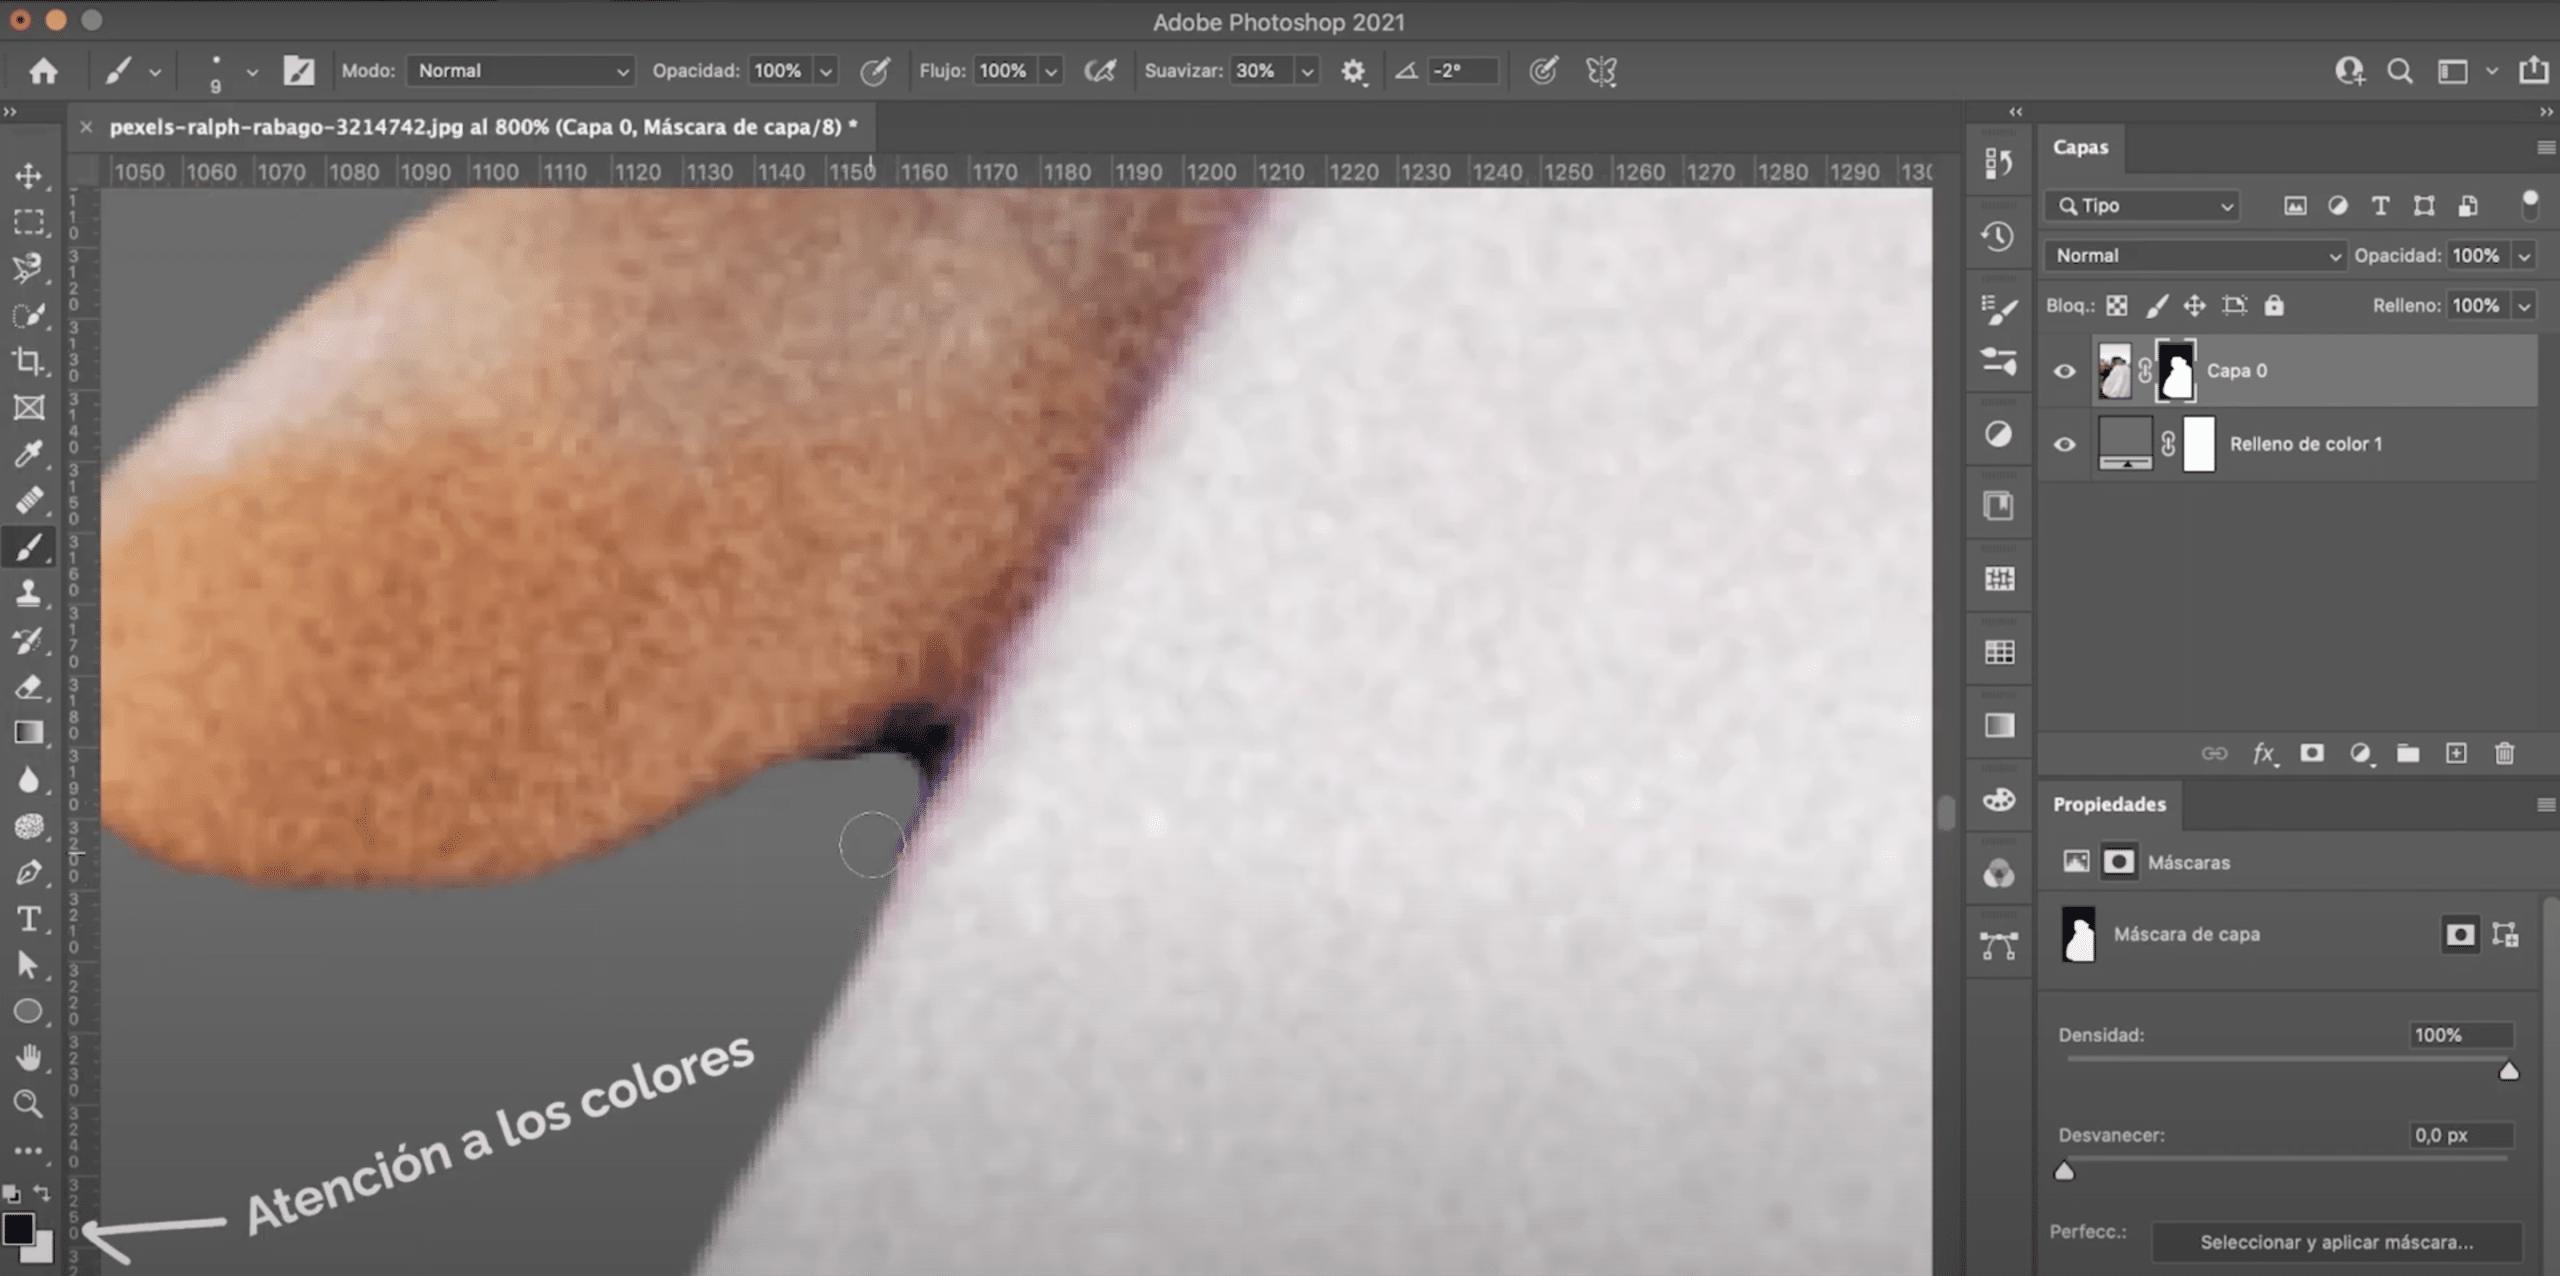 Photoshopのレイヤーマスクを使用して選択を修正および強化する方法